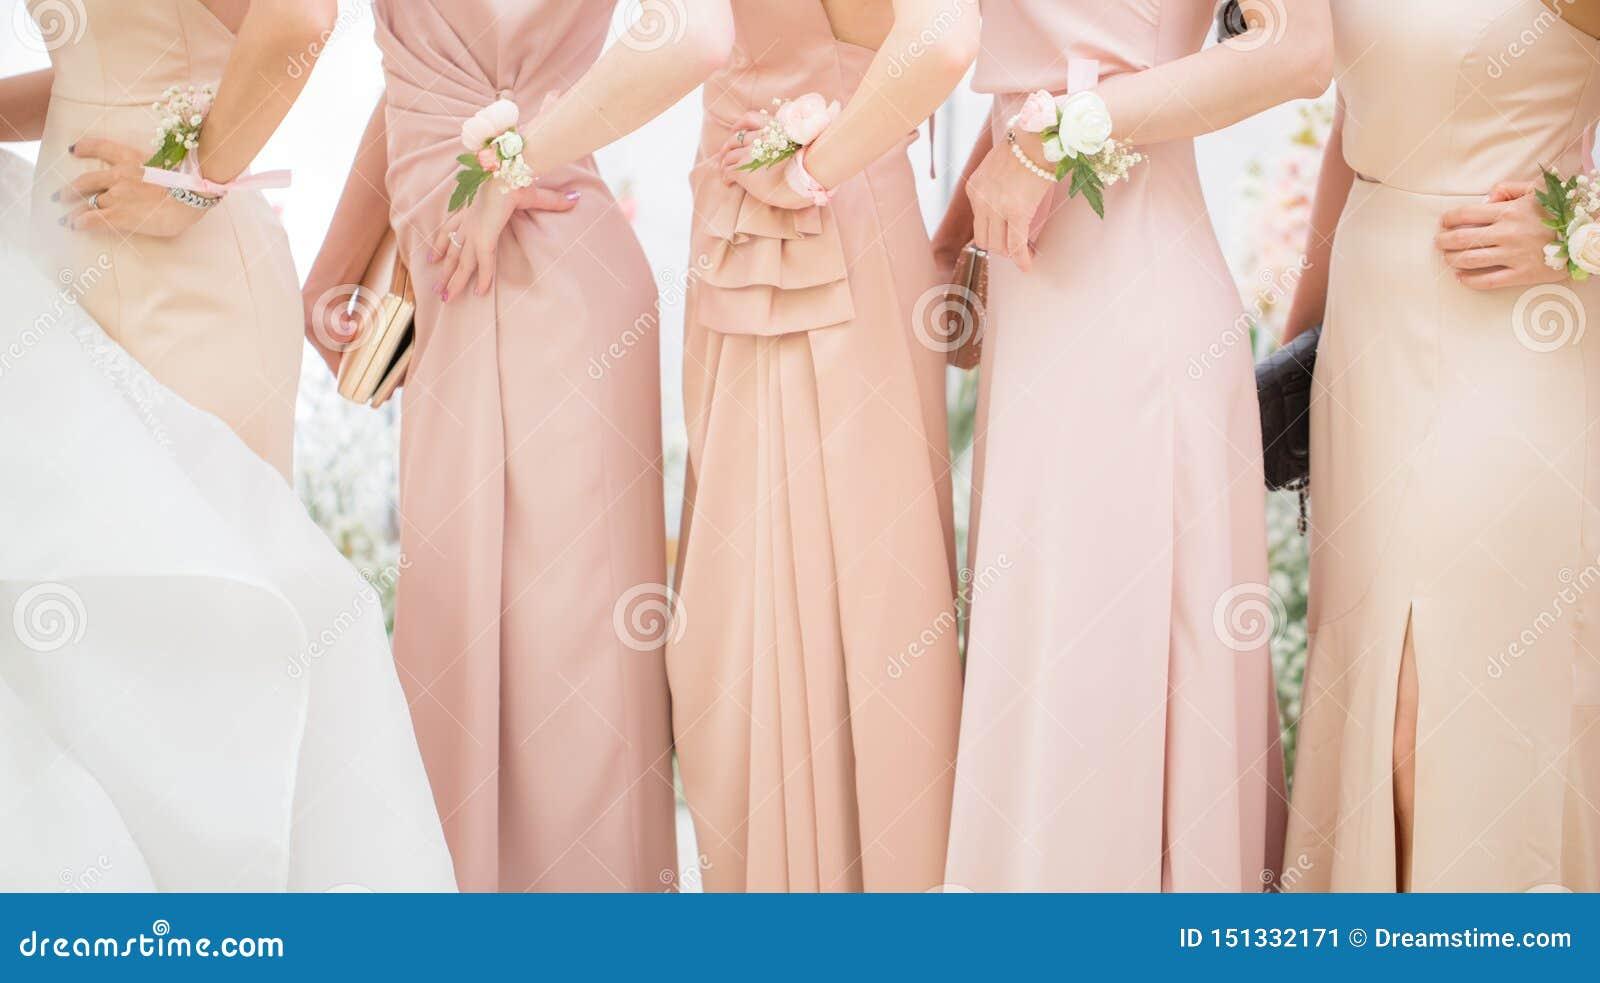 Brautjungfern geben für eine Fotoaufnahme bekannt